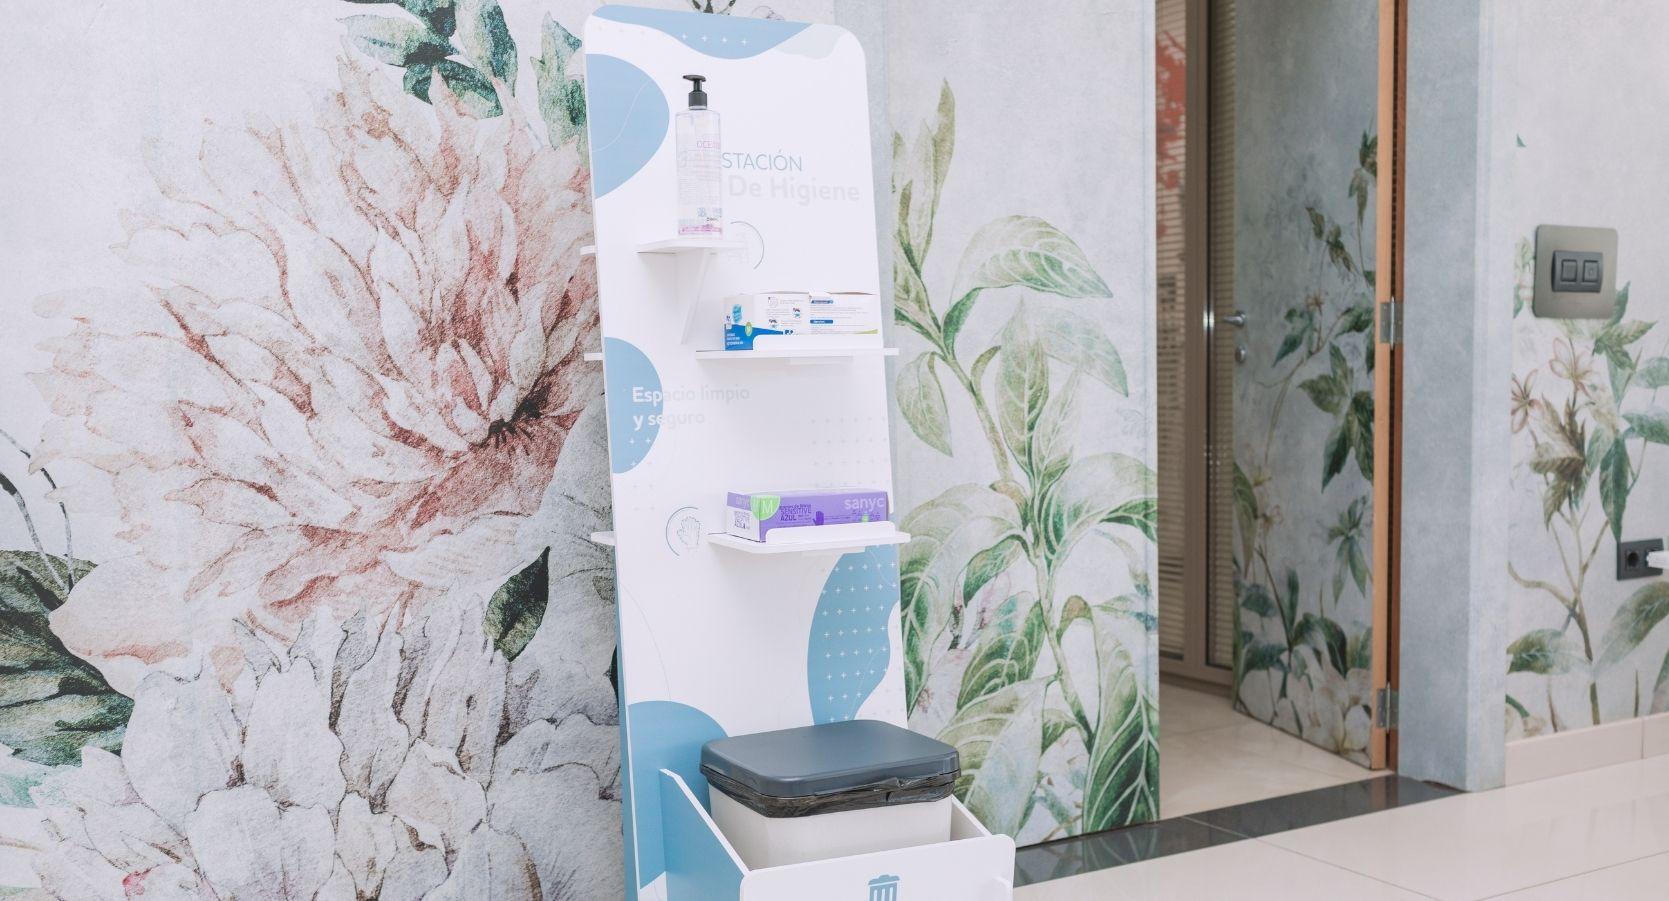 estación de higiene personalizada